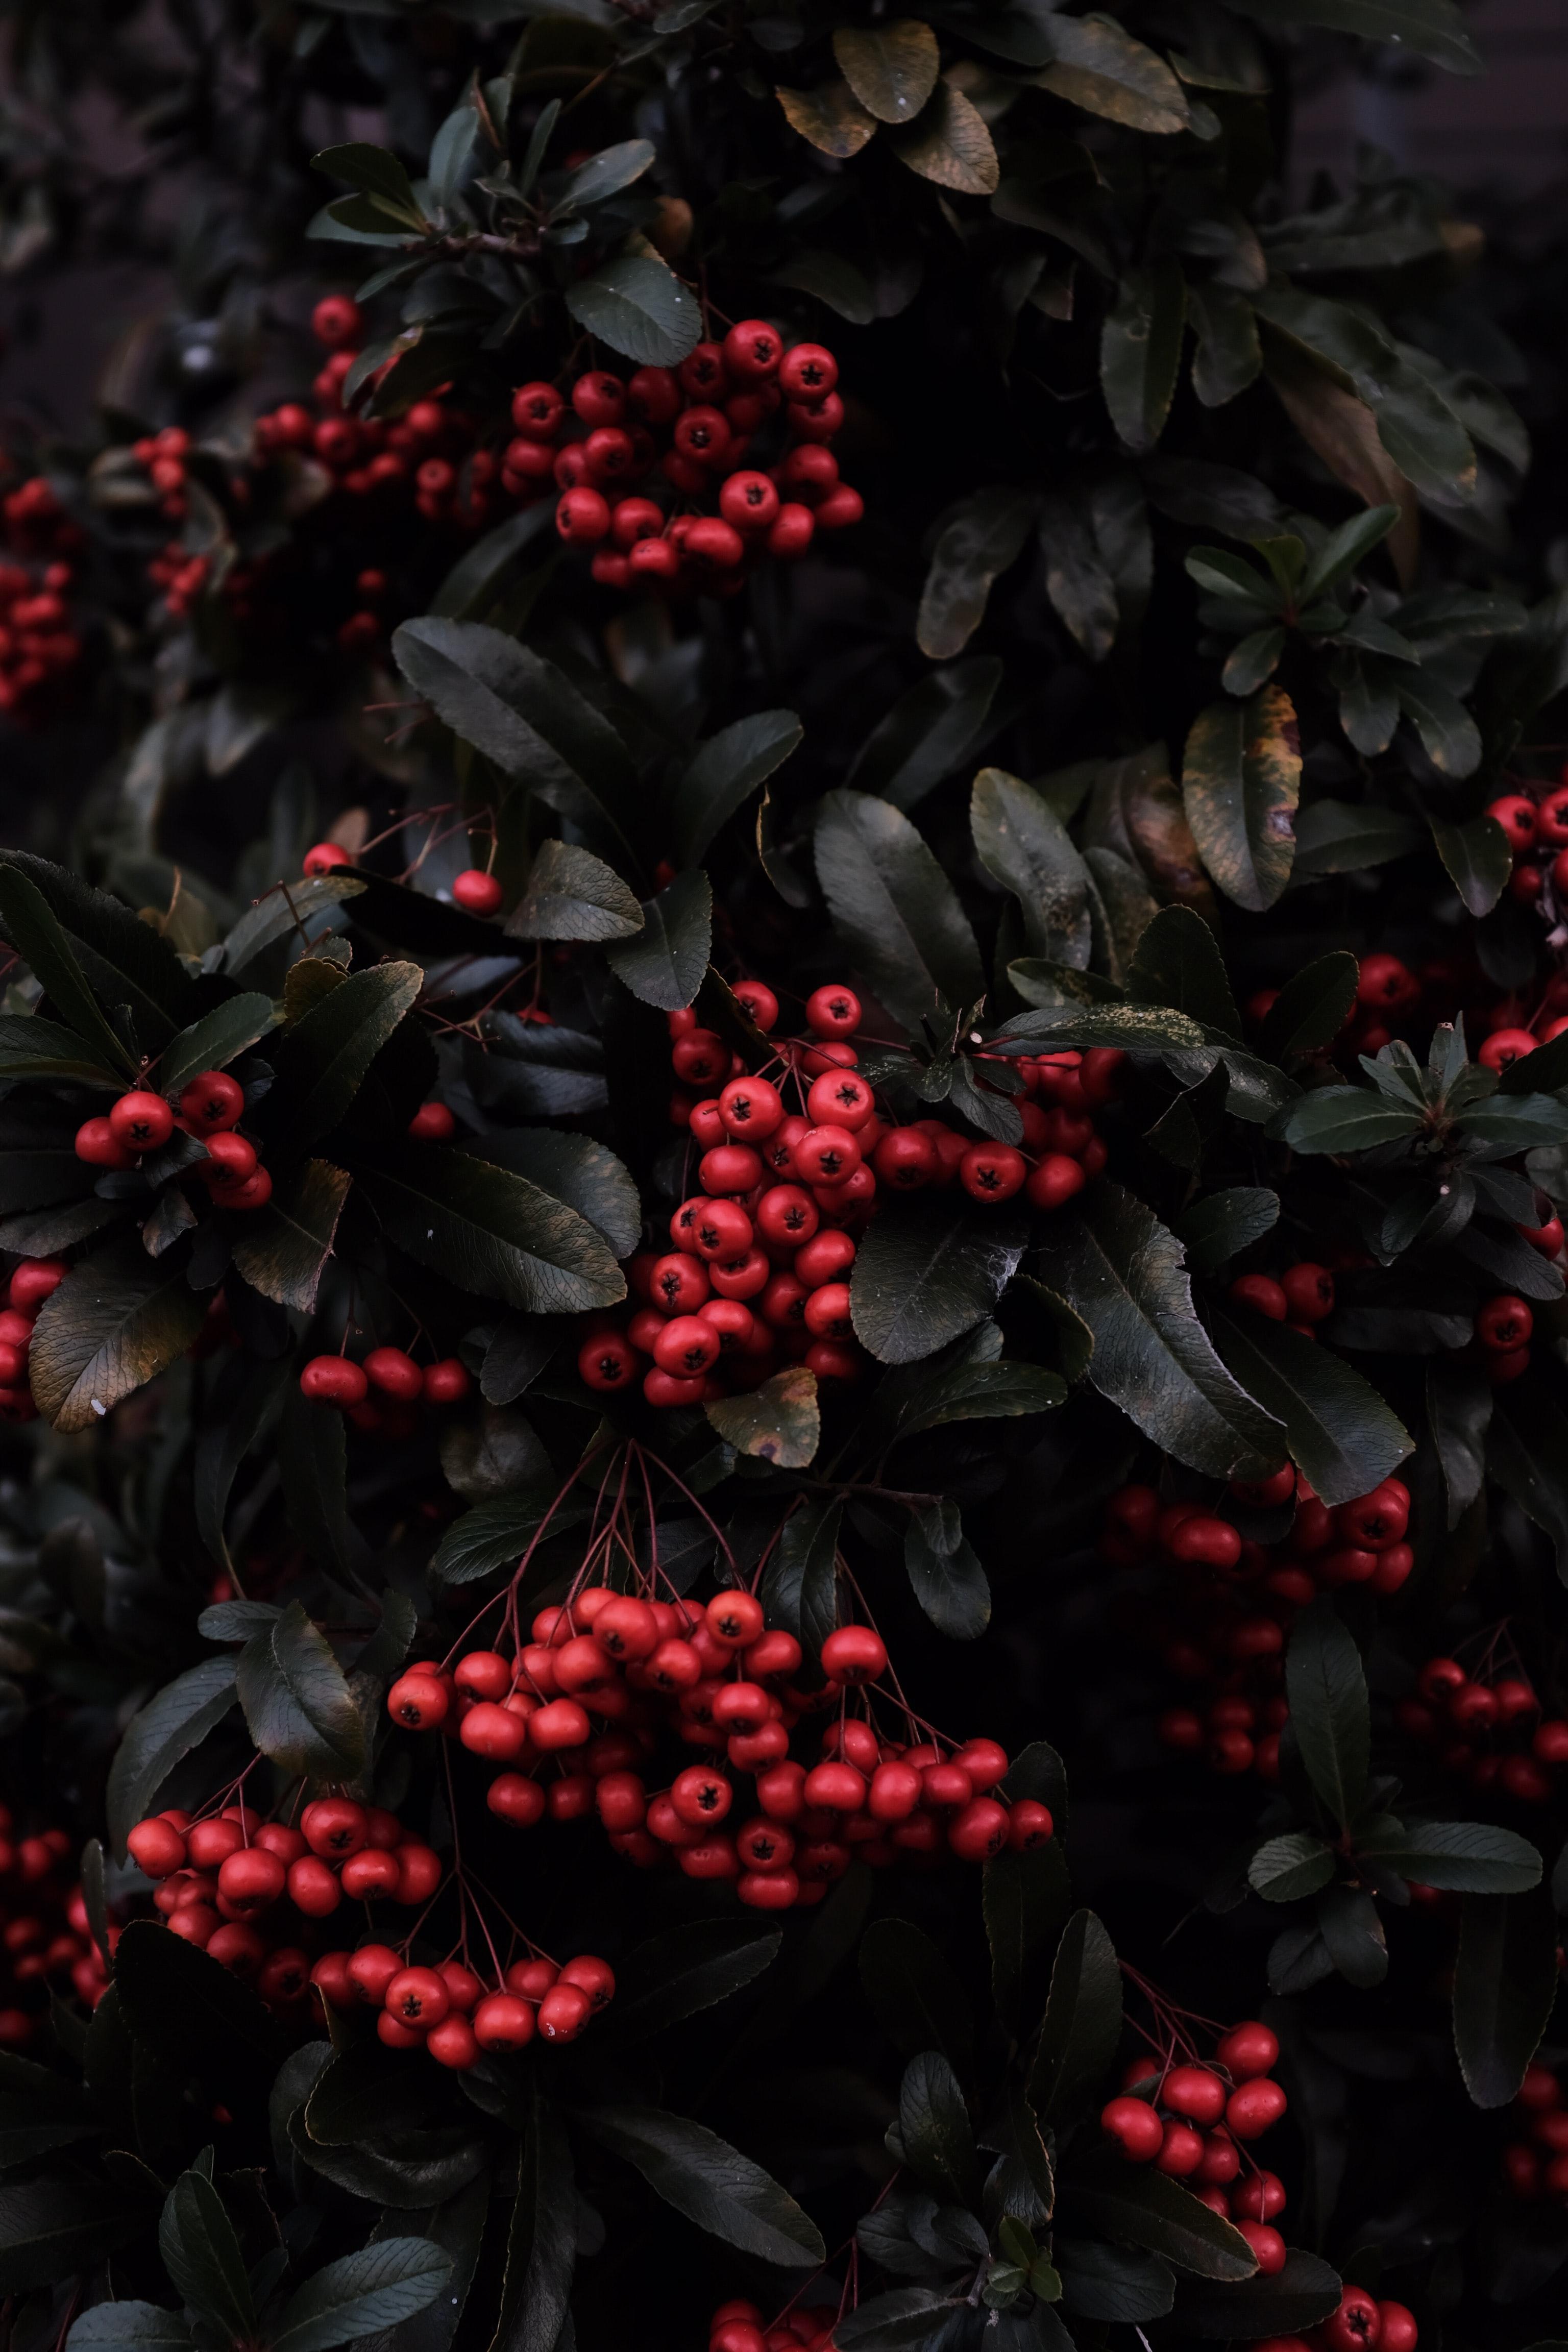 99399 скачать обои Растение, Природа, Ягоды, Макро, Красный, Рябина - заставки и картинки бесплатно